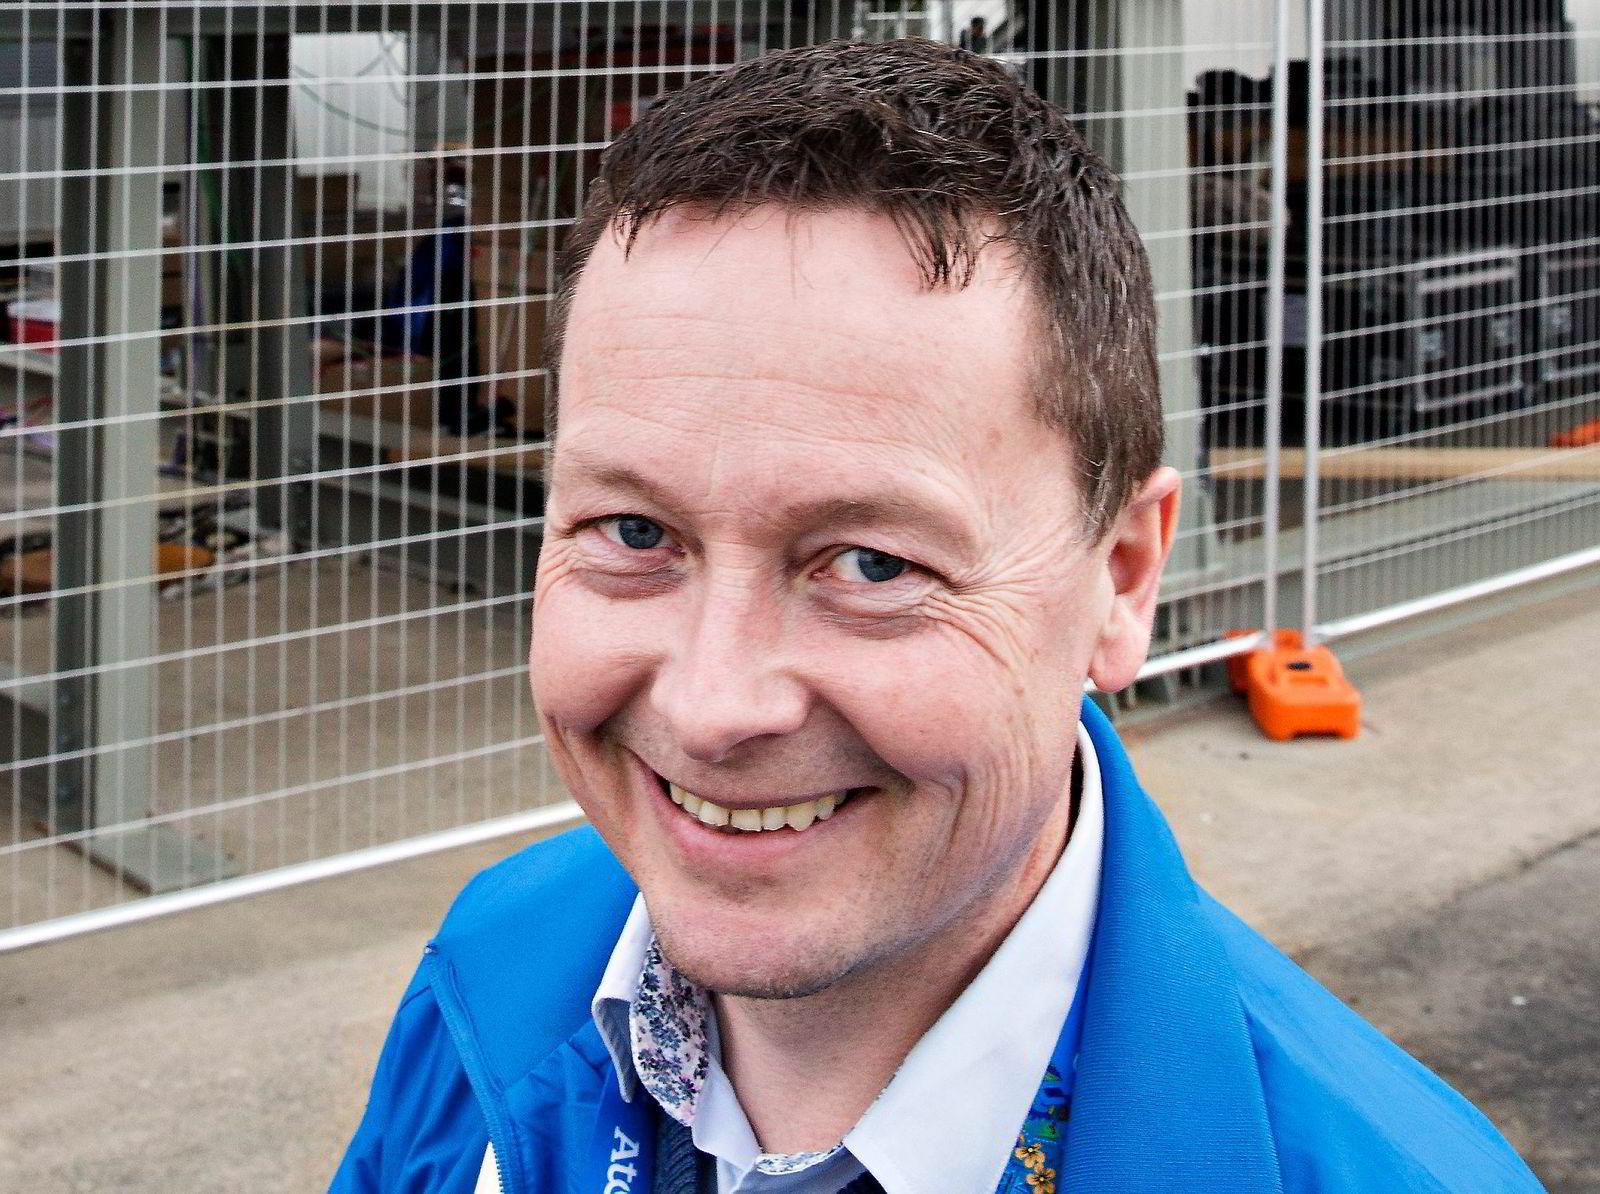 Kommunikasjonssjef i TV2 Jan-Petter Dahl var forberedt på lavere tall denne våren.